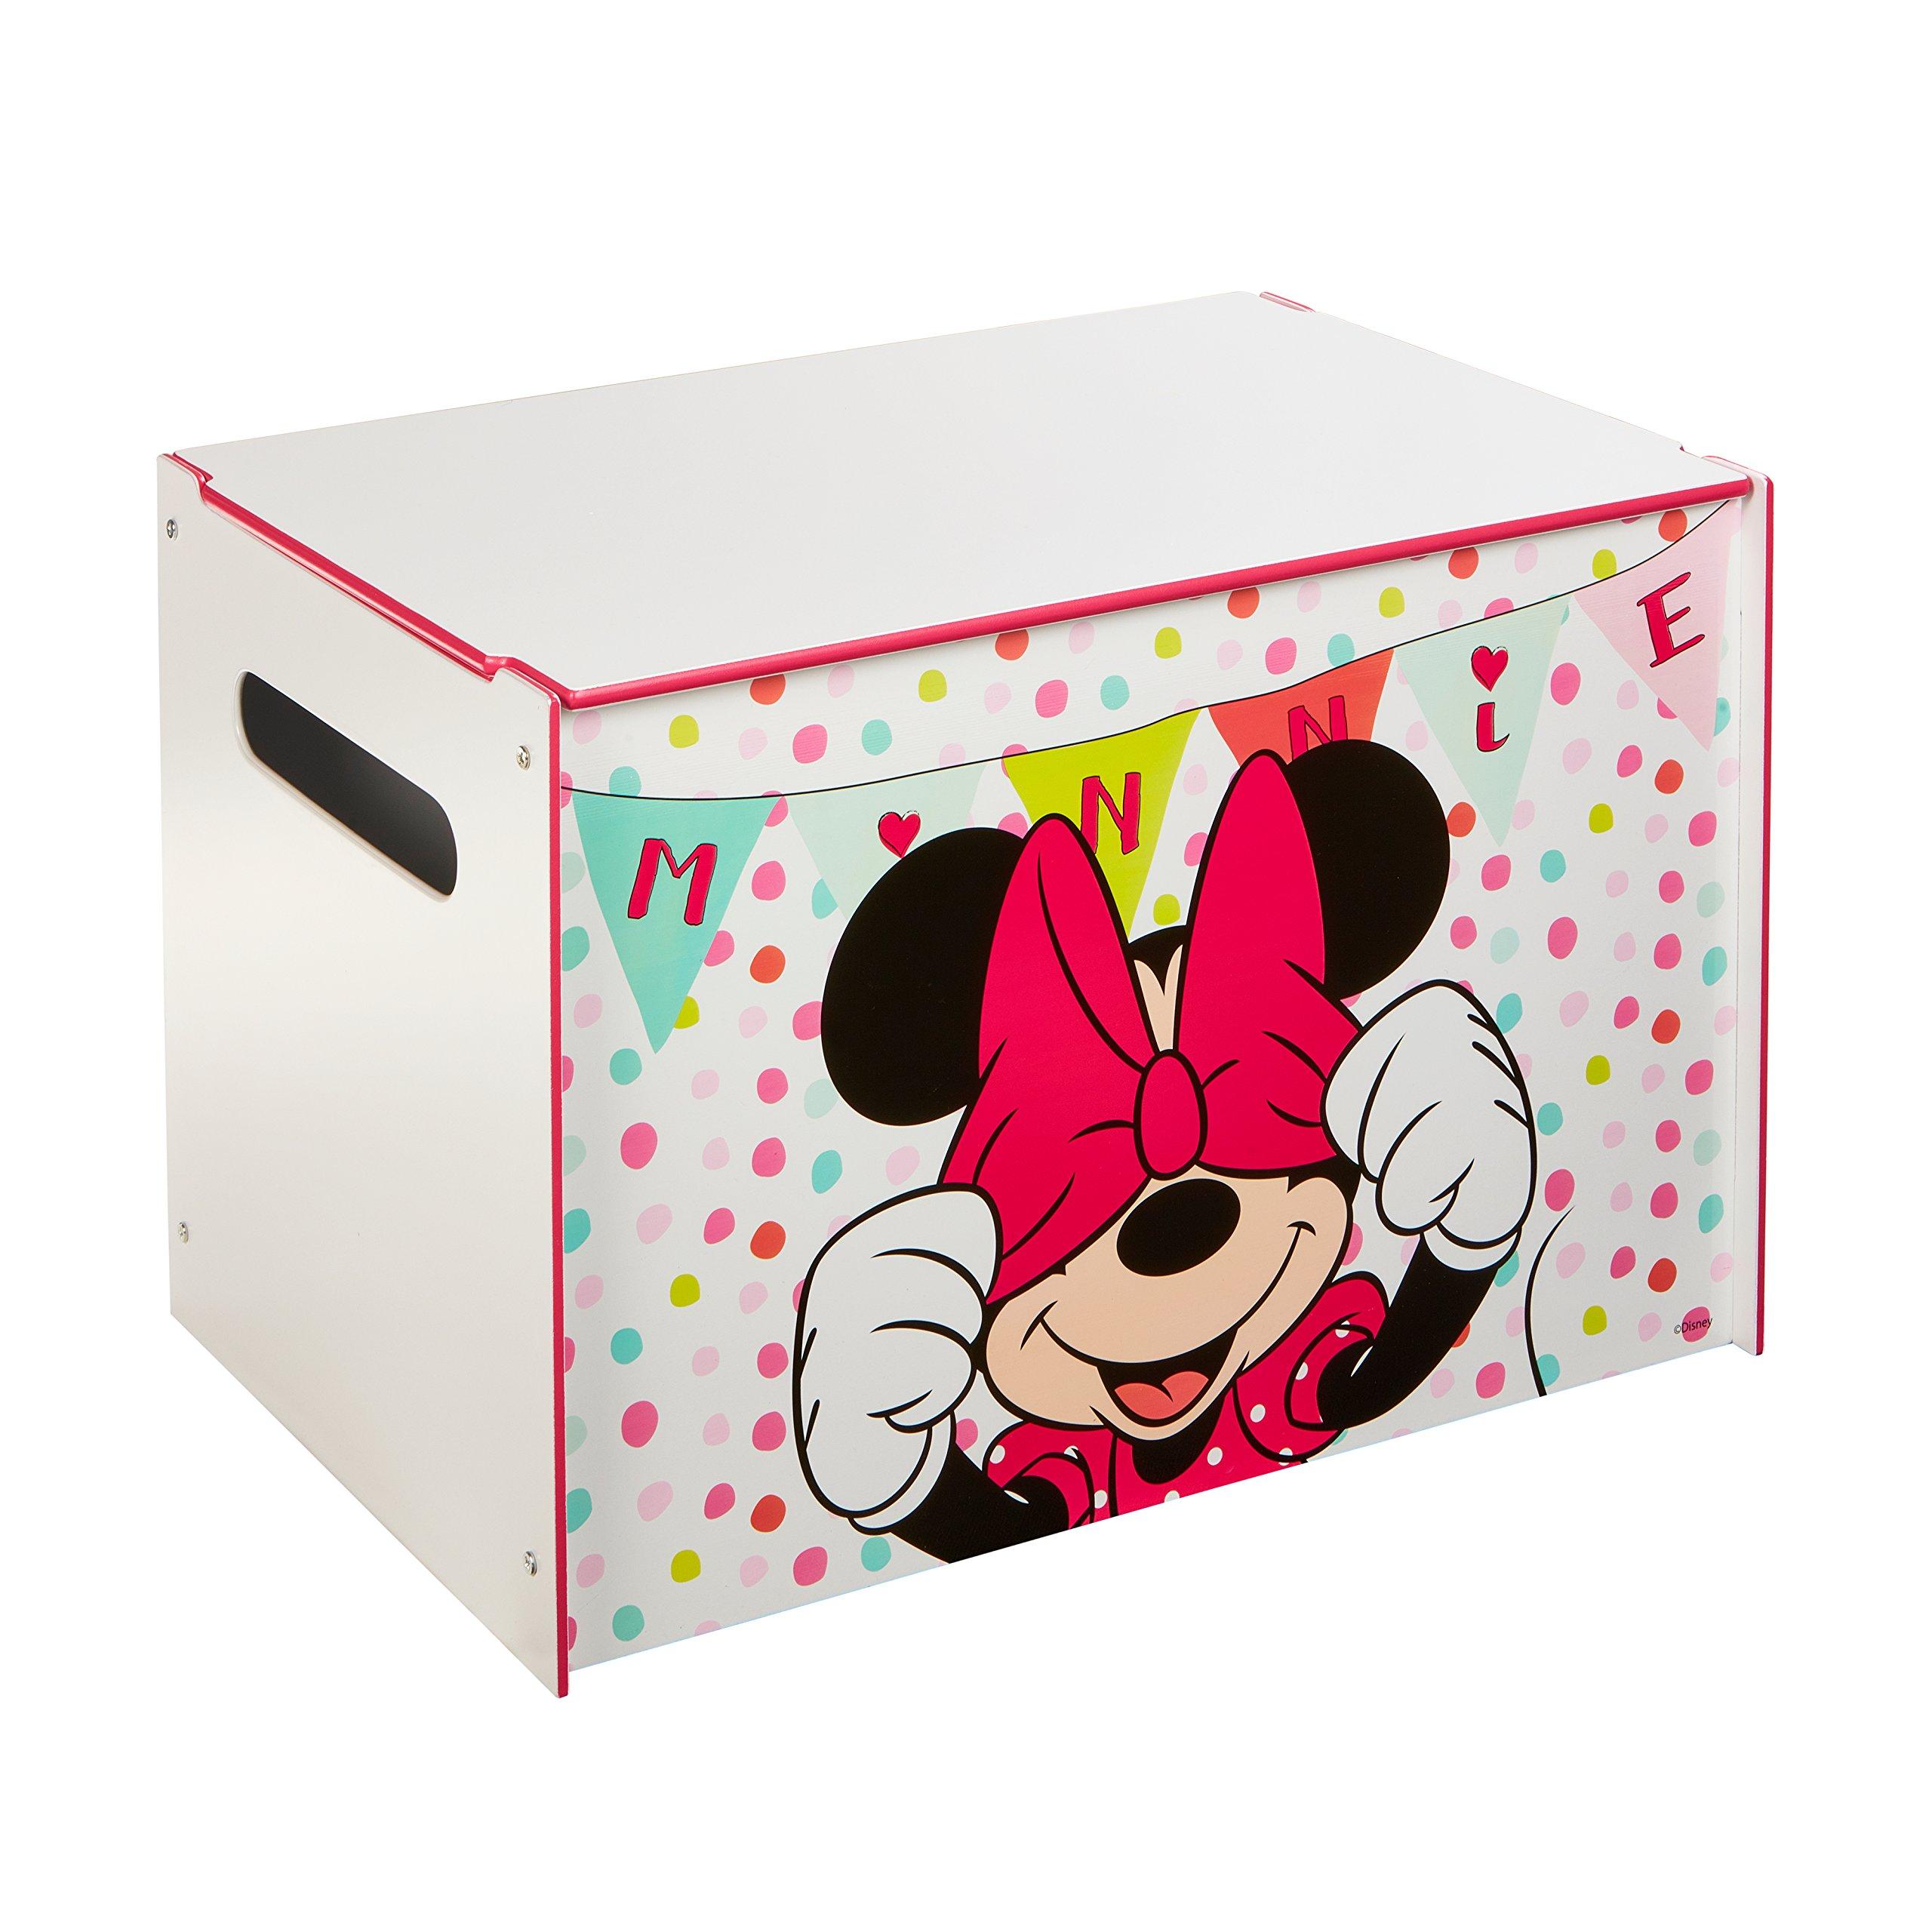 Full Size of Aufbewahrungsbox Kinderzimmer Schmetterlinge Und Blumen Spielzeugkiste Fr Kinder Regal Sofa Regale Weiß Garten Wohnzimmer Aufbewahrungsbox Kinderzimmer